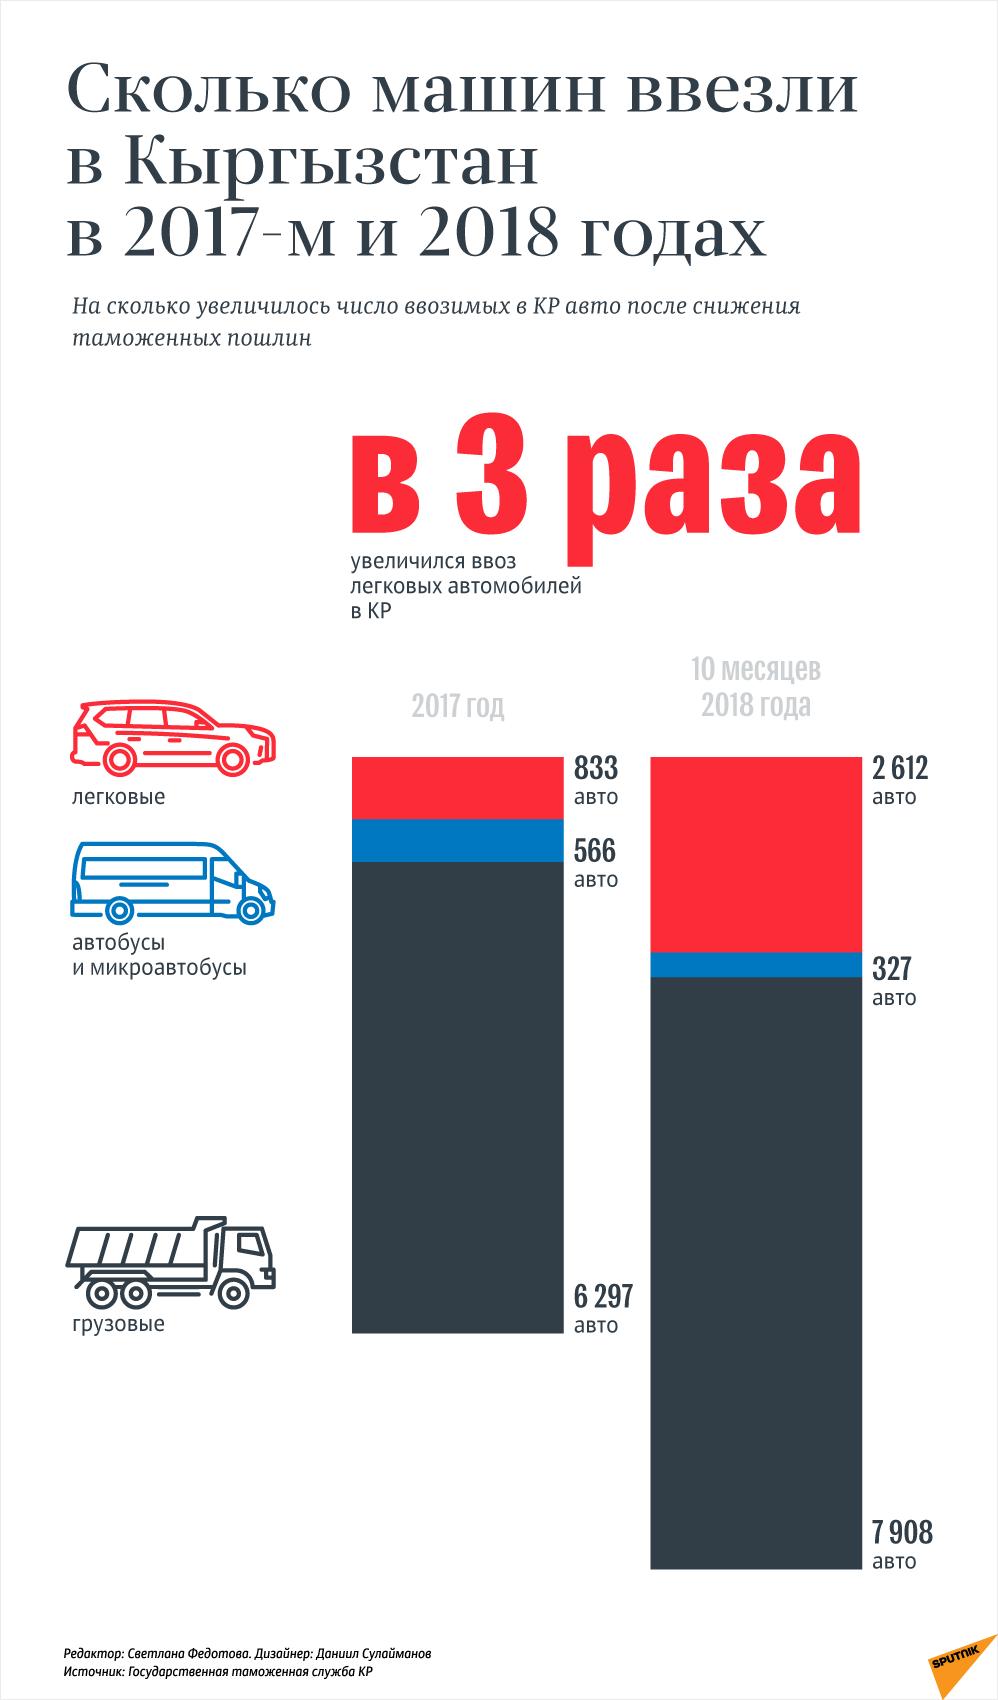 Сколько машин ввезли в Кыргызстан в 2017-м и 2018 годах